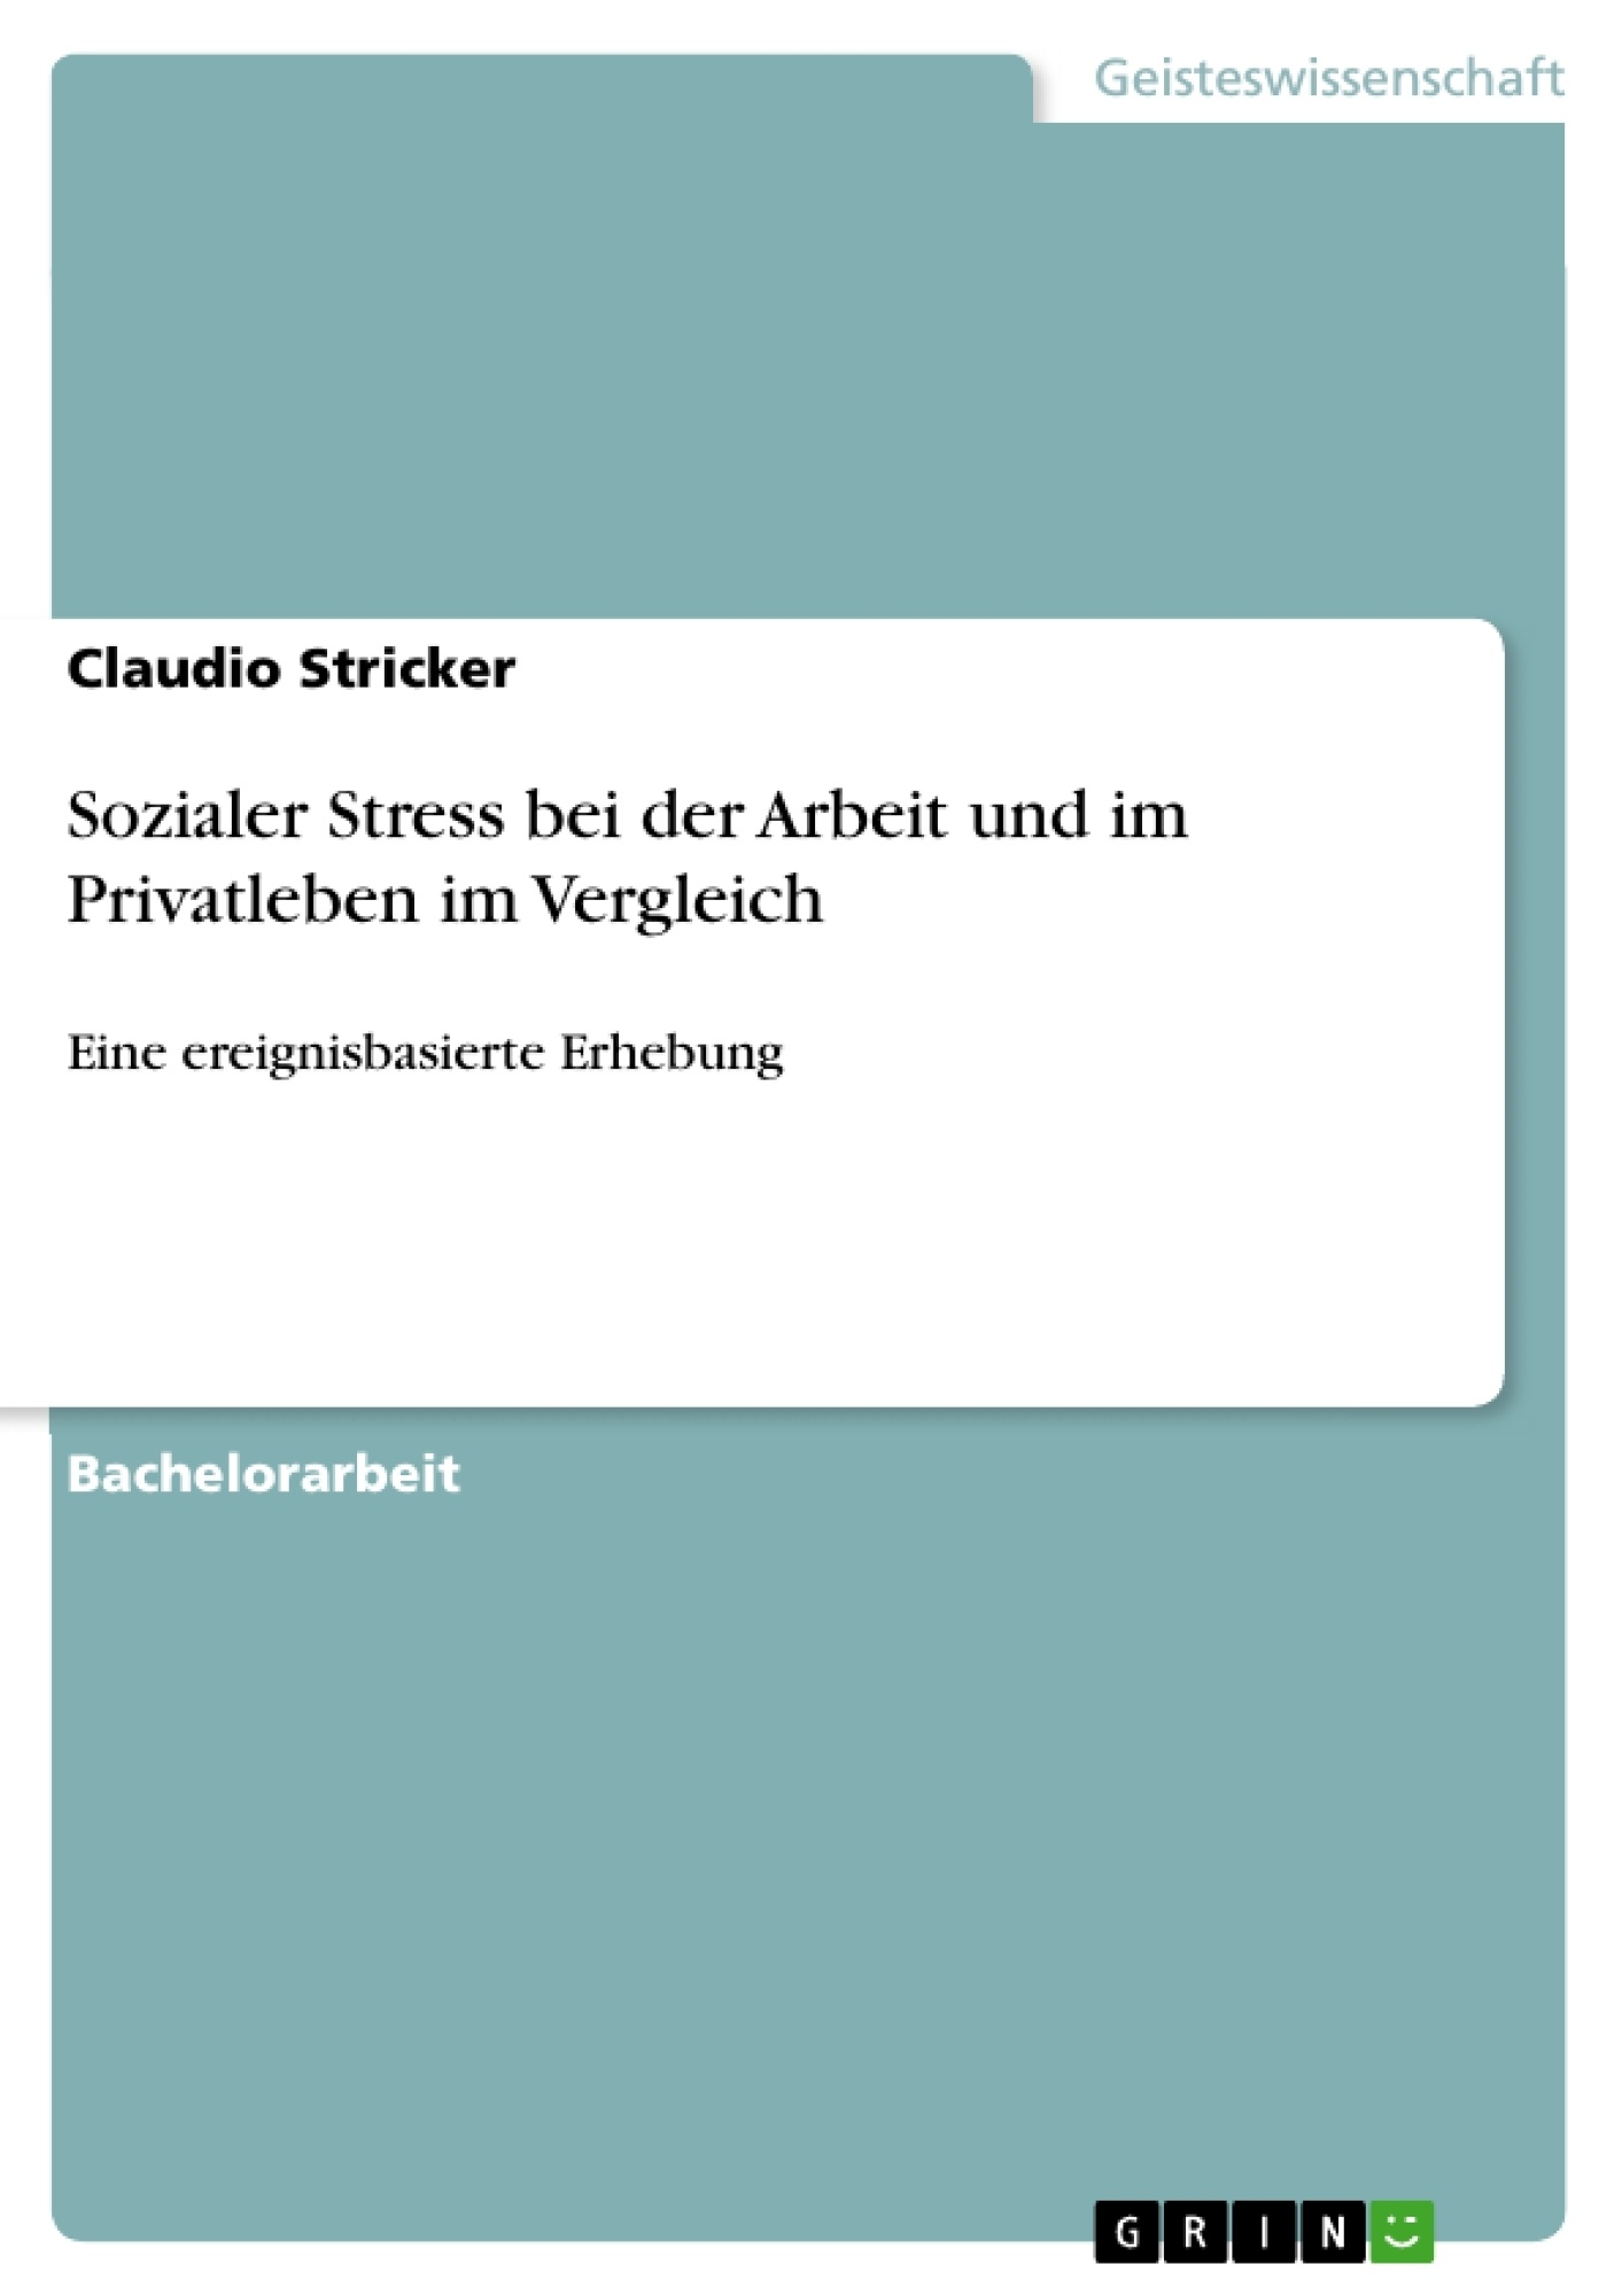 Titel: Sozialer Stress bei der Arbeit und im Privatleben im Vergleich